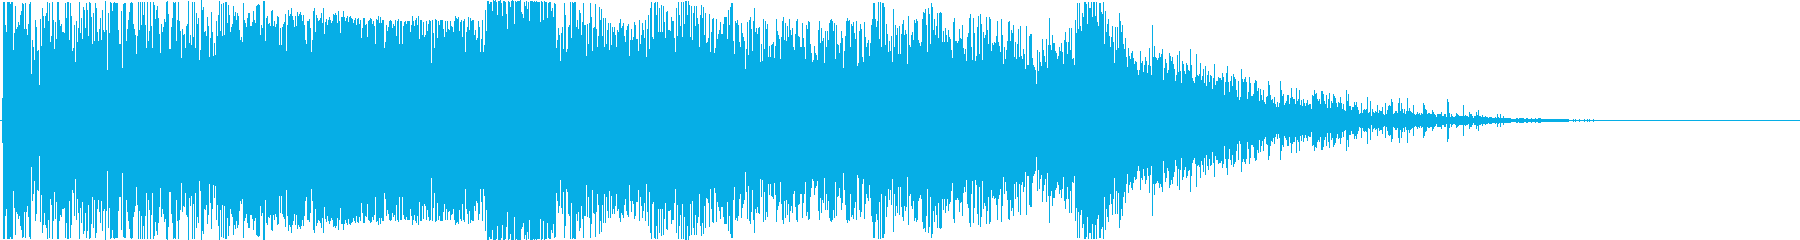 【爆発】 19 戦争 爆撃 激しいの再生済みの波形